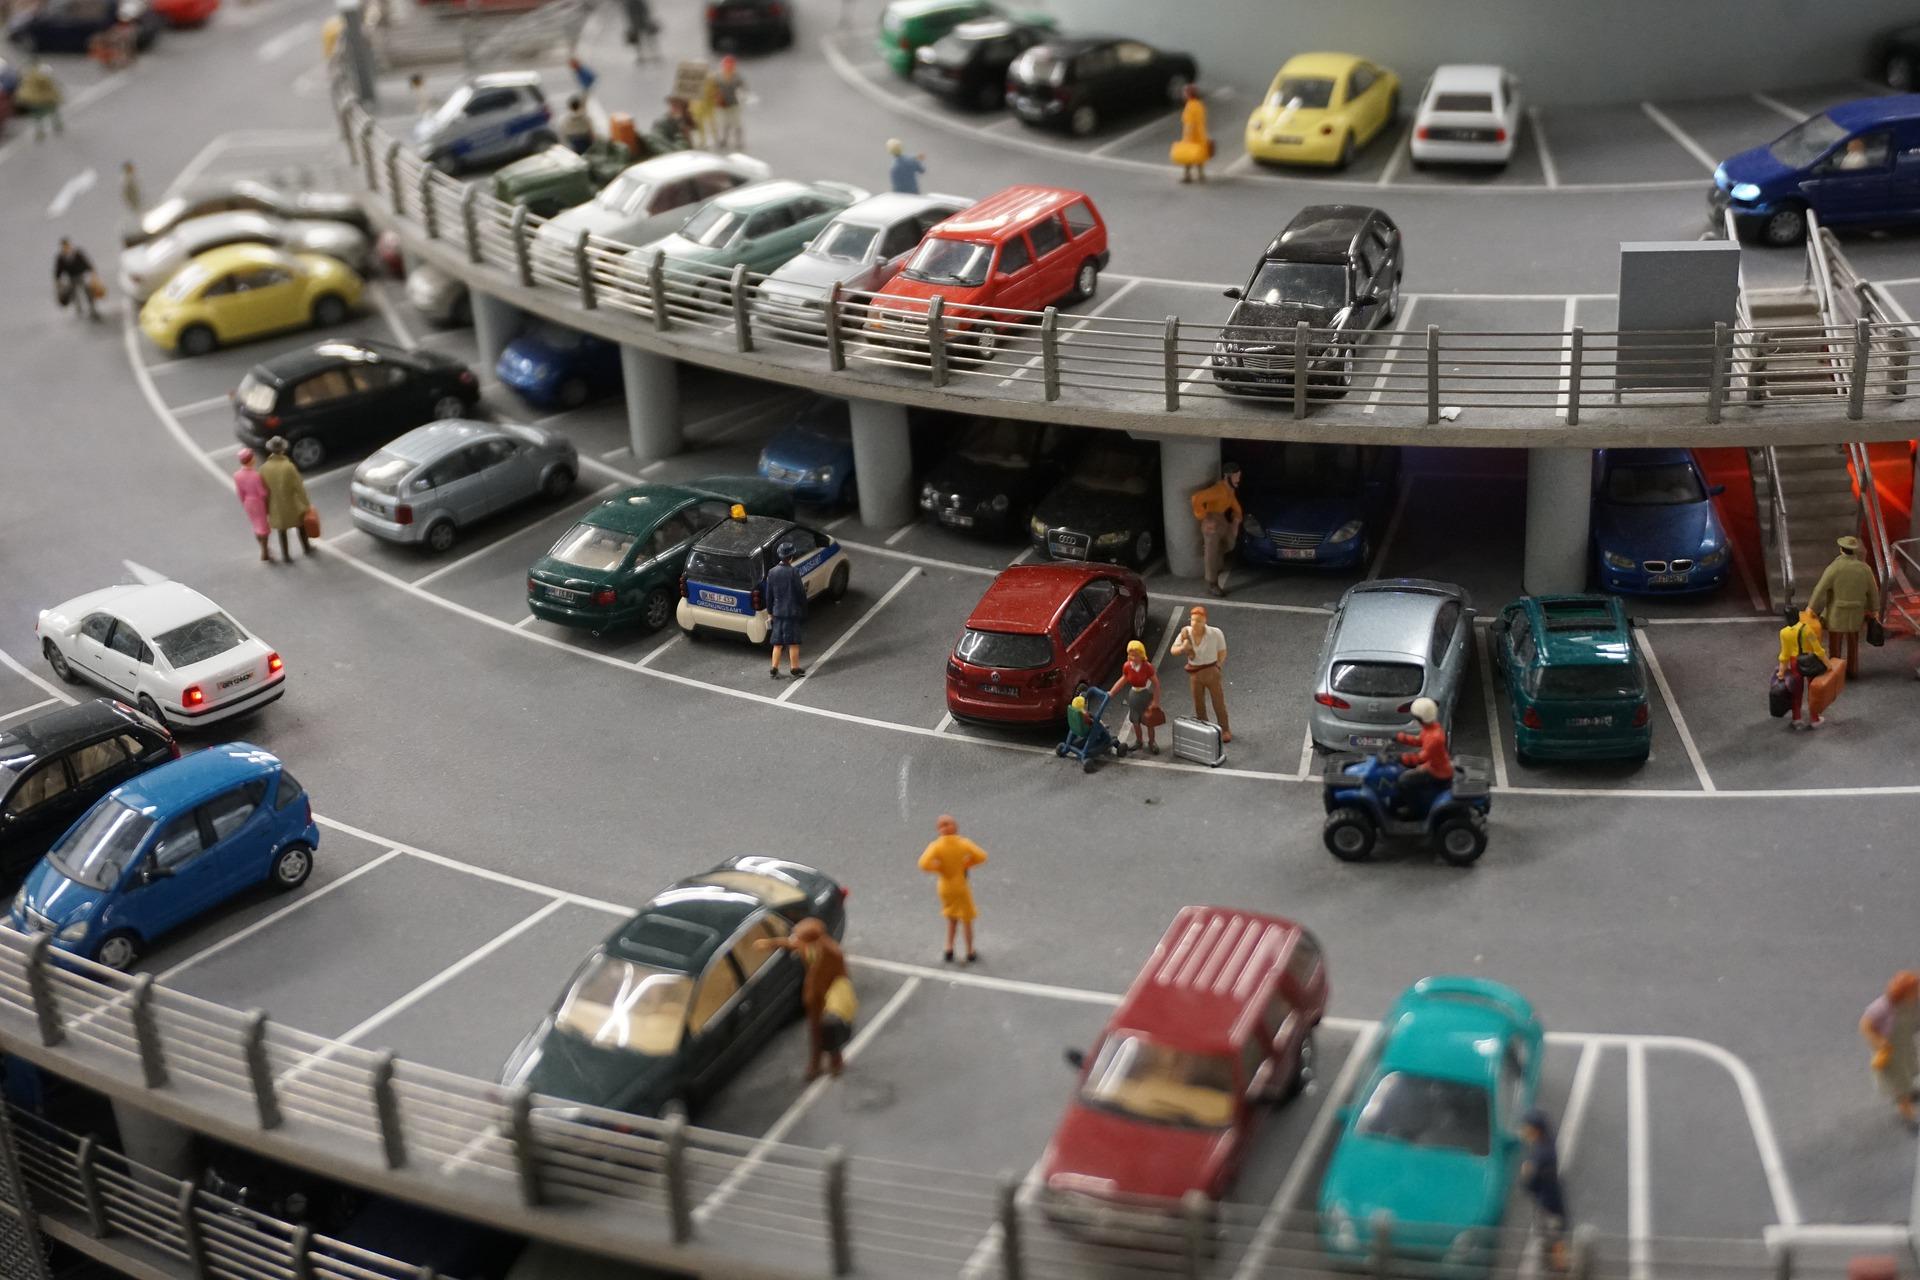 ケルン・ボン空港を利用する時にオススメの無料駐車場(Park and Ride, P+R)